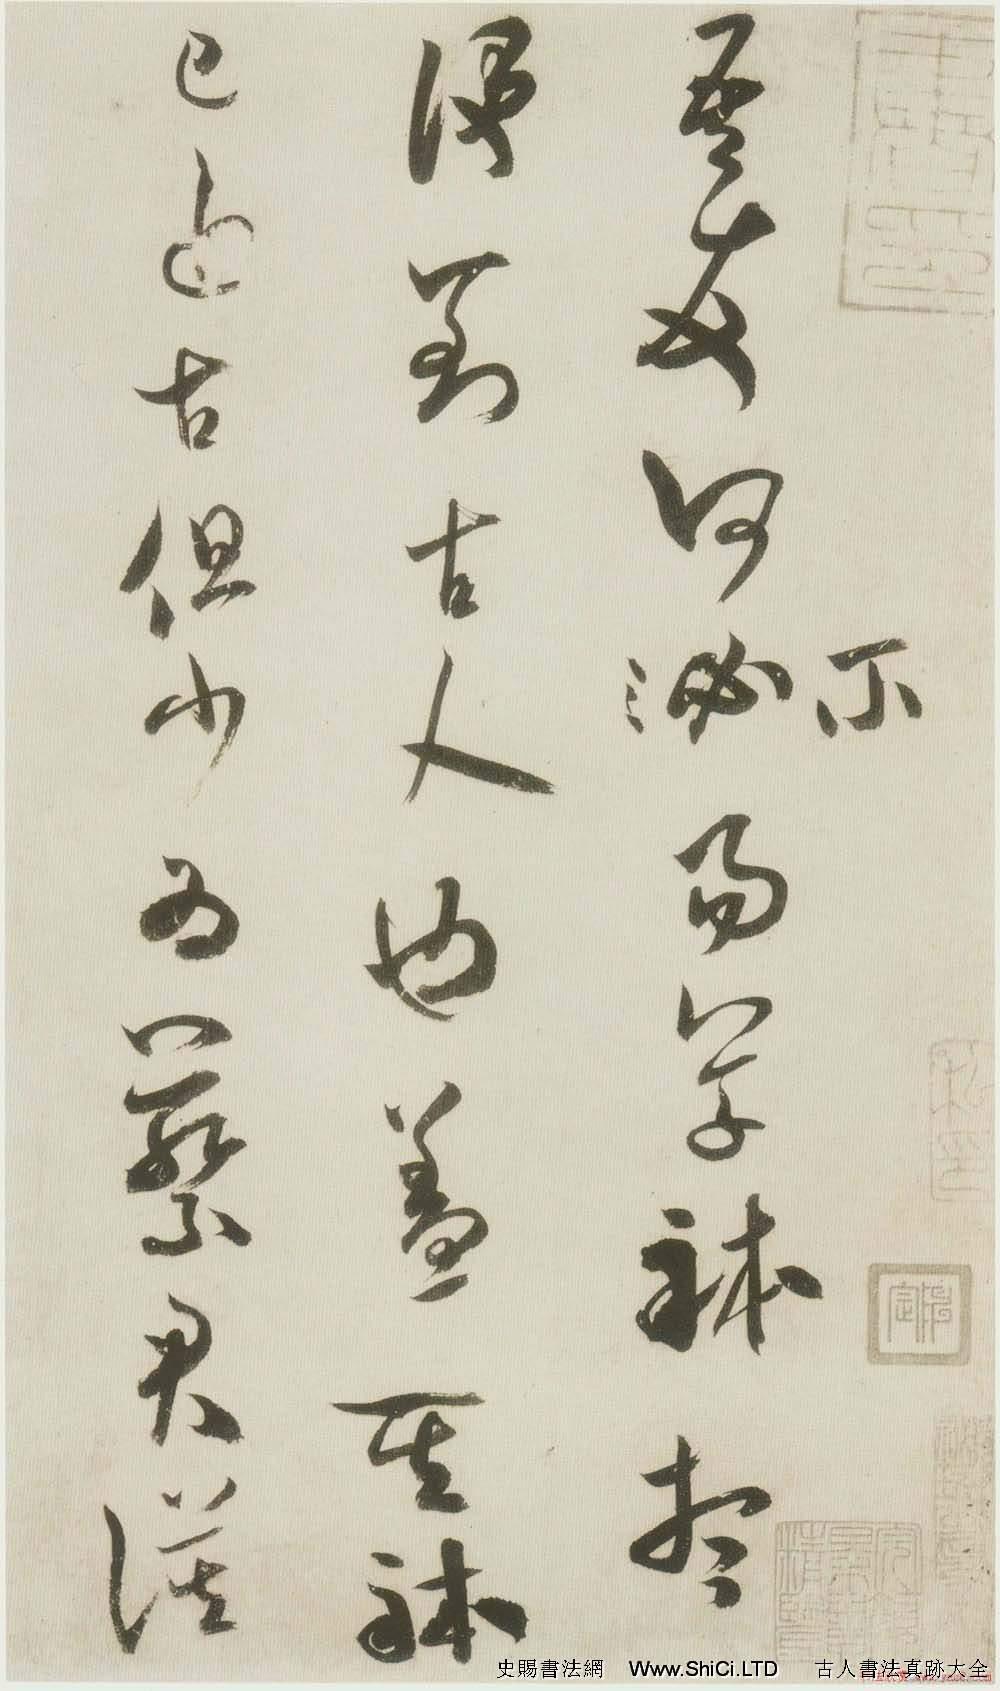 米芾草書《吾友帖》藝術賞析(大圖)(共4張圖片)